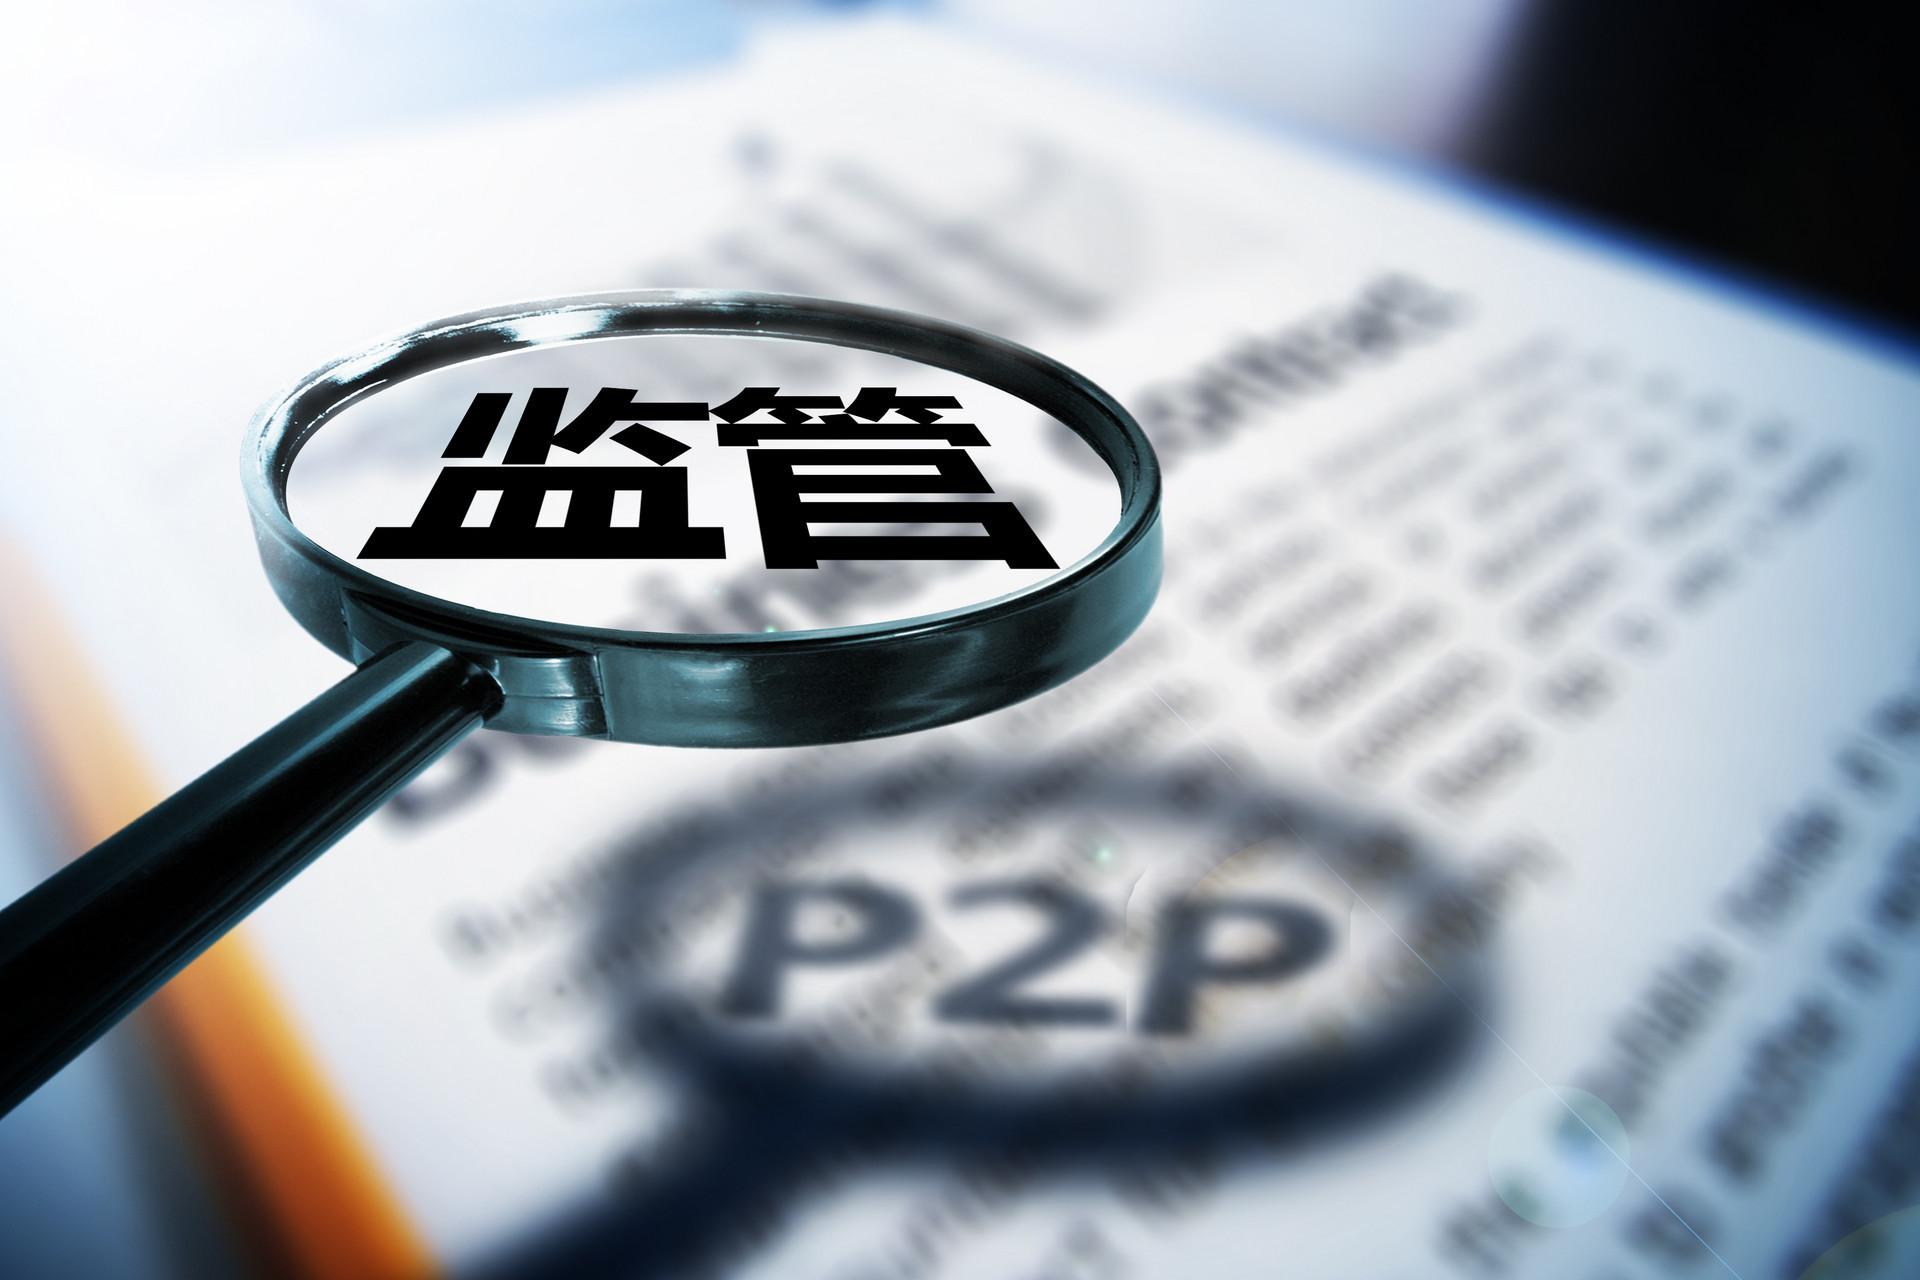 宁夏已经禁止六家P2P机构并已禁止24家